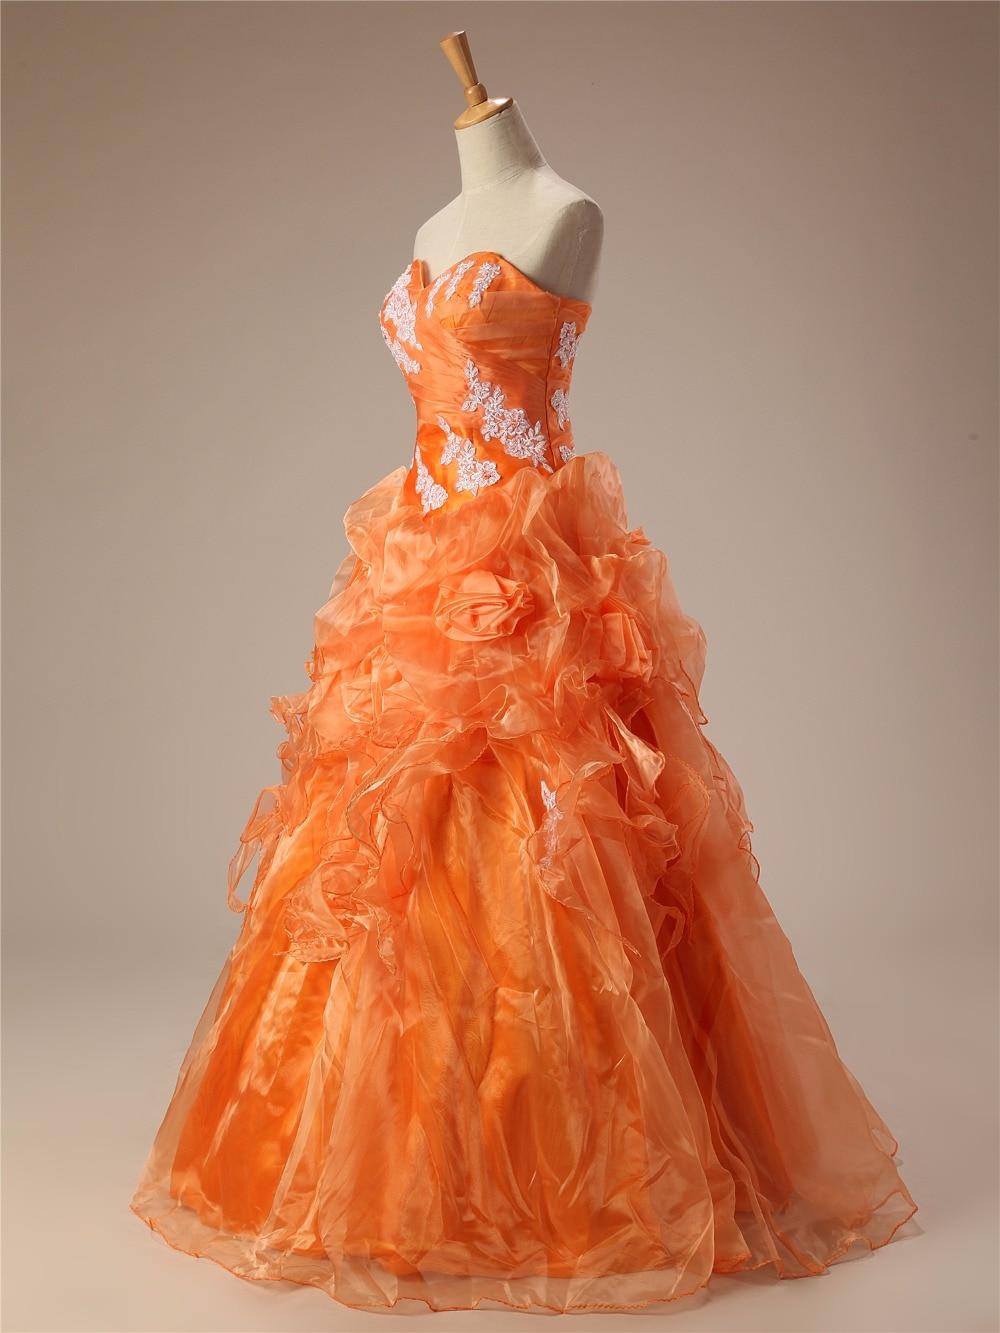 Cheap Quinceanera Dresses Orange Sweetheart Appliques Lace Vestidos De 15 Anos Ball Gown Sweet 16 Dresses Debutante Gown - 3